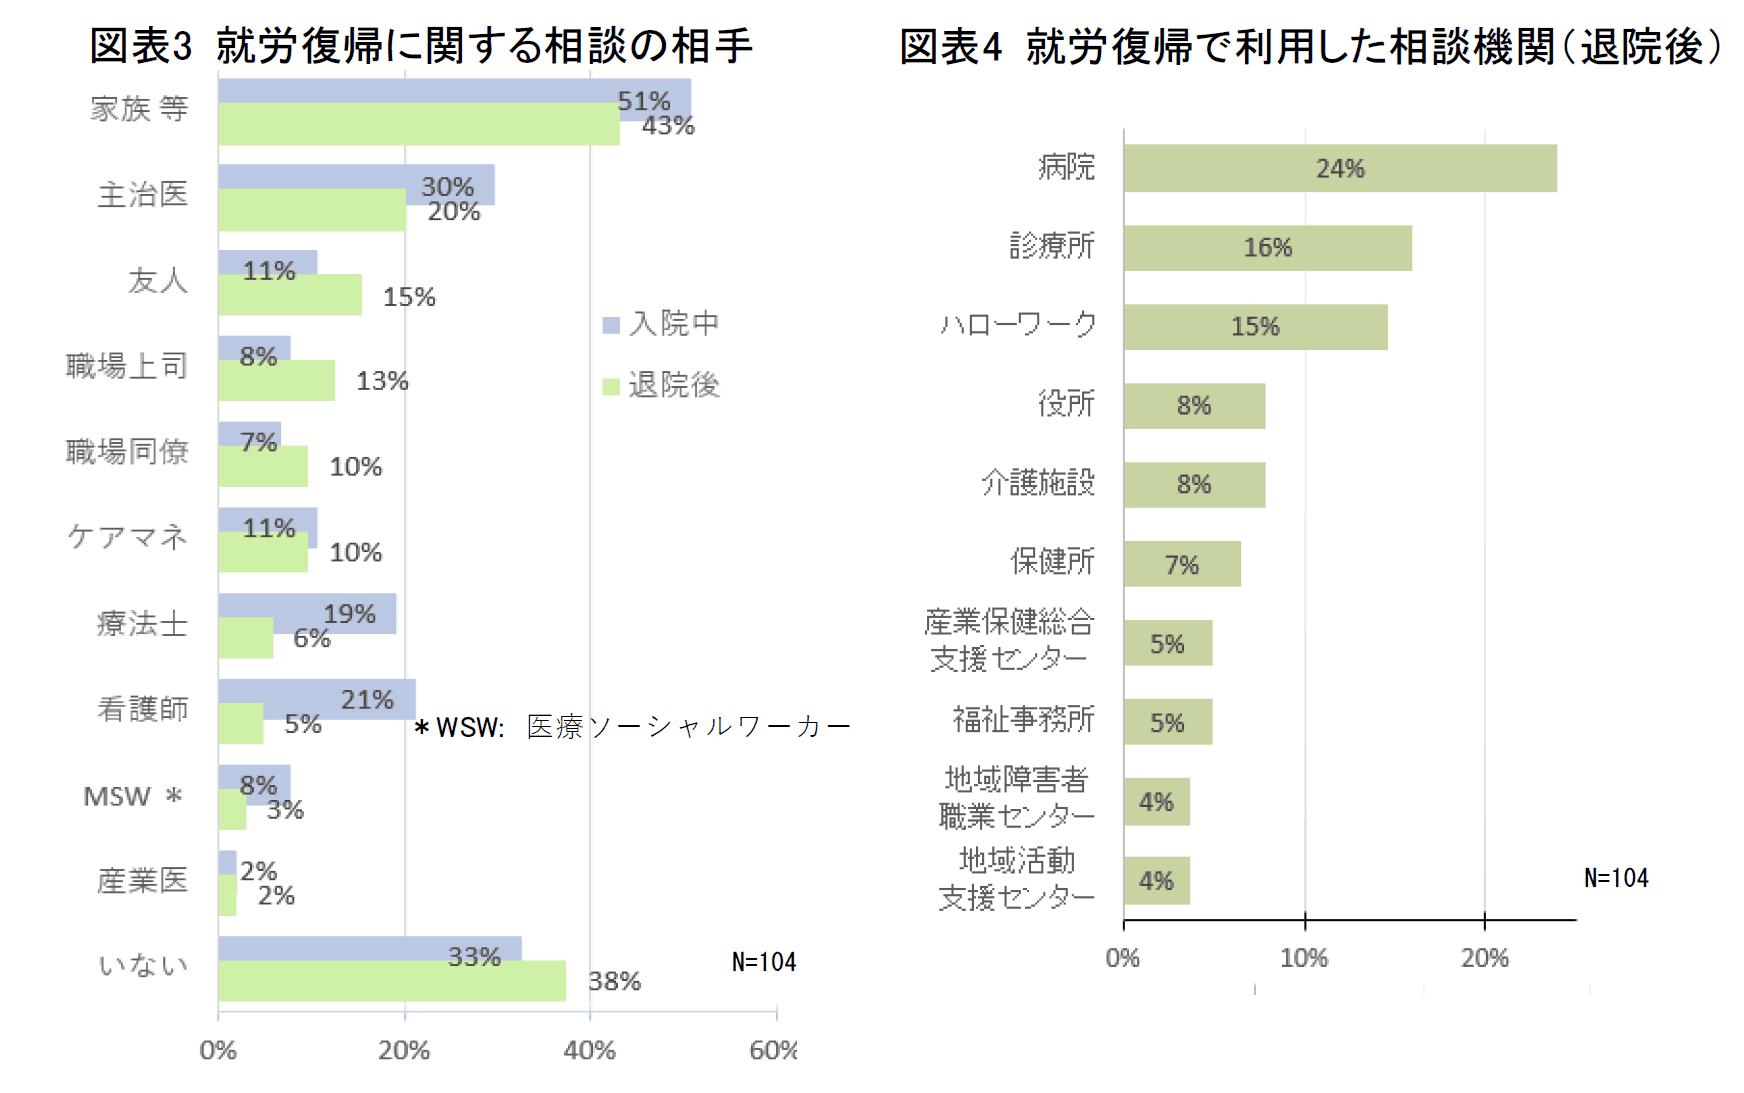 図表3 就労復帰に関する相談の相手 図表4 就労復帰で利用した相談機関(退院後)